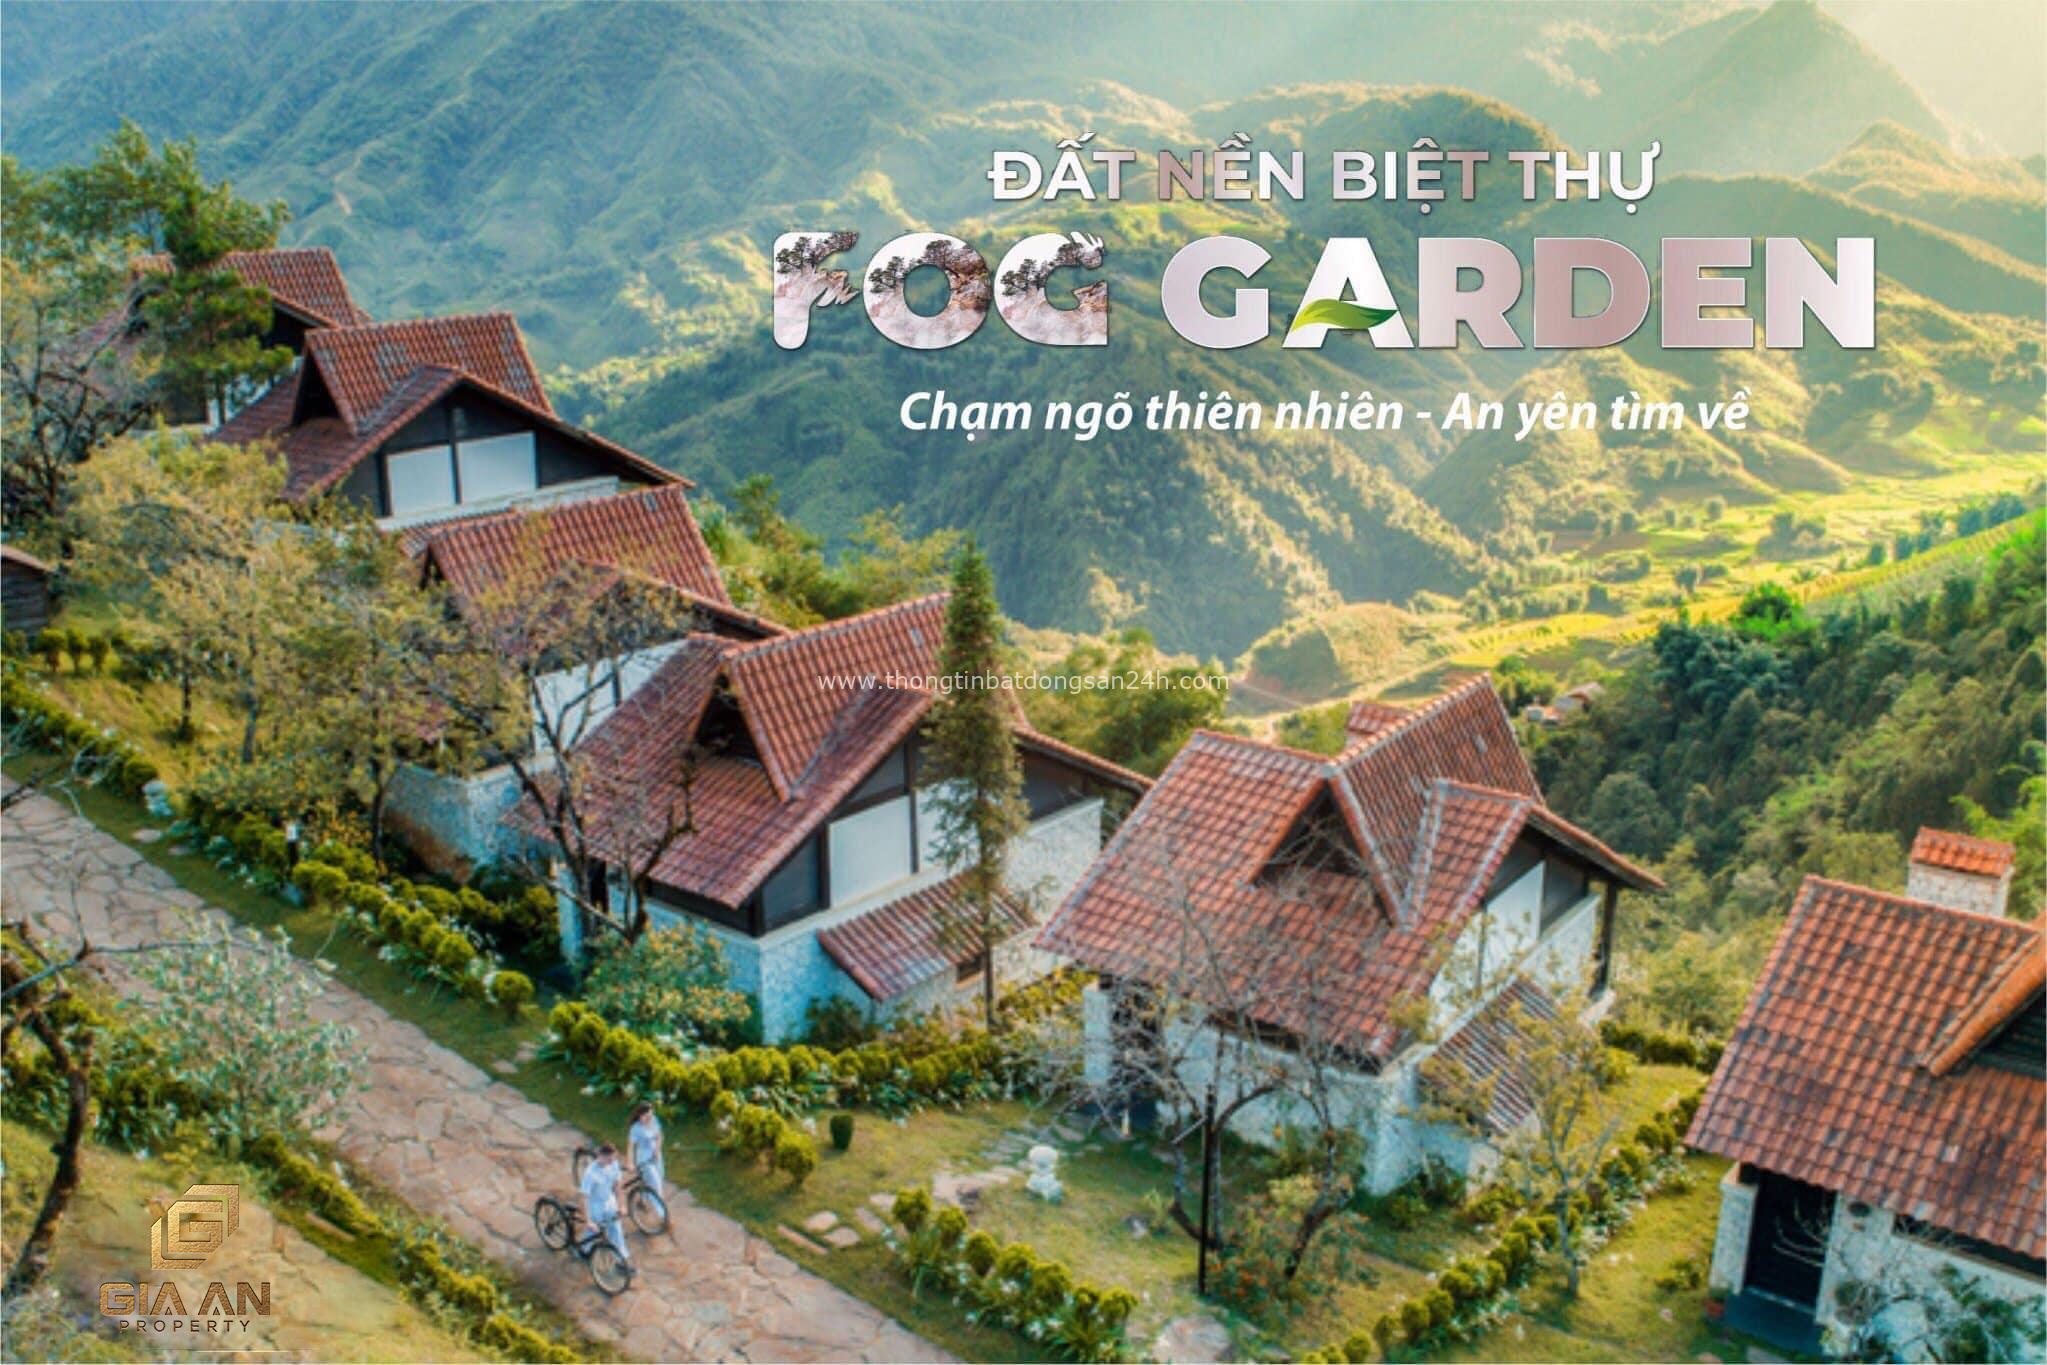 Fog Garden - Thiên đường sống đích thực tại Bảo Lộc 4